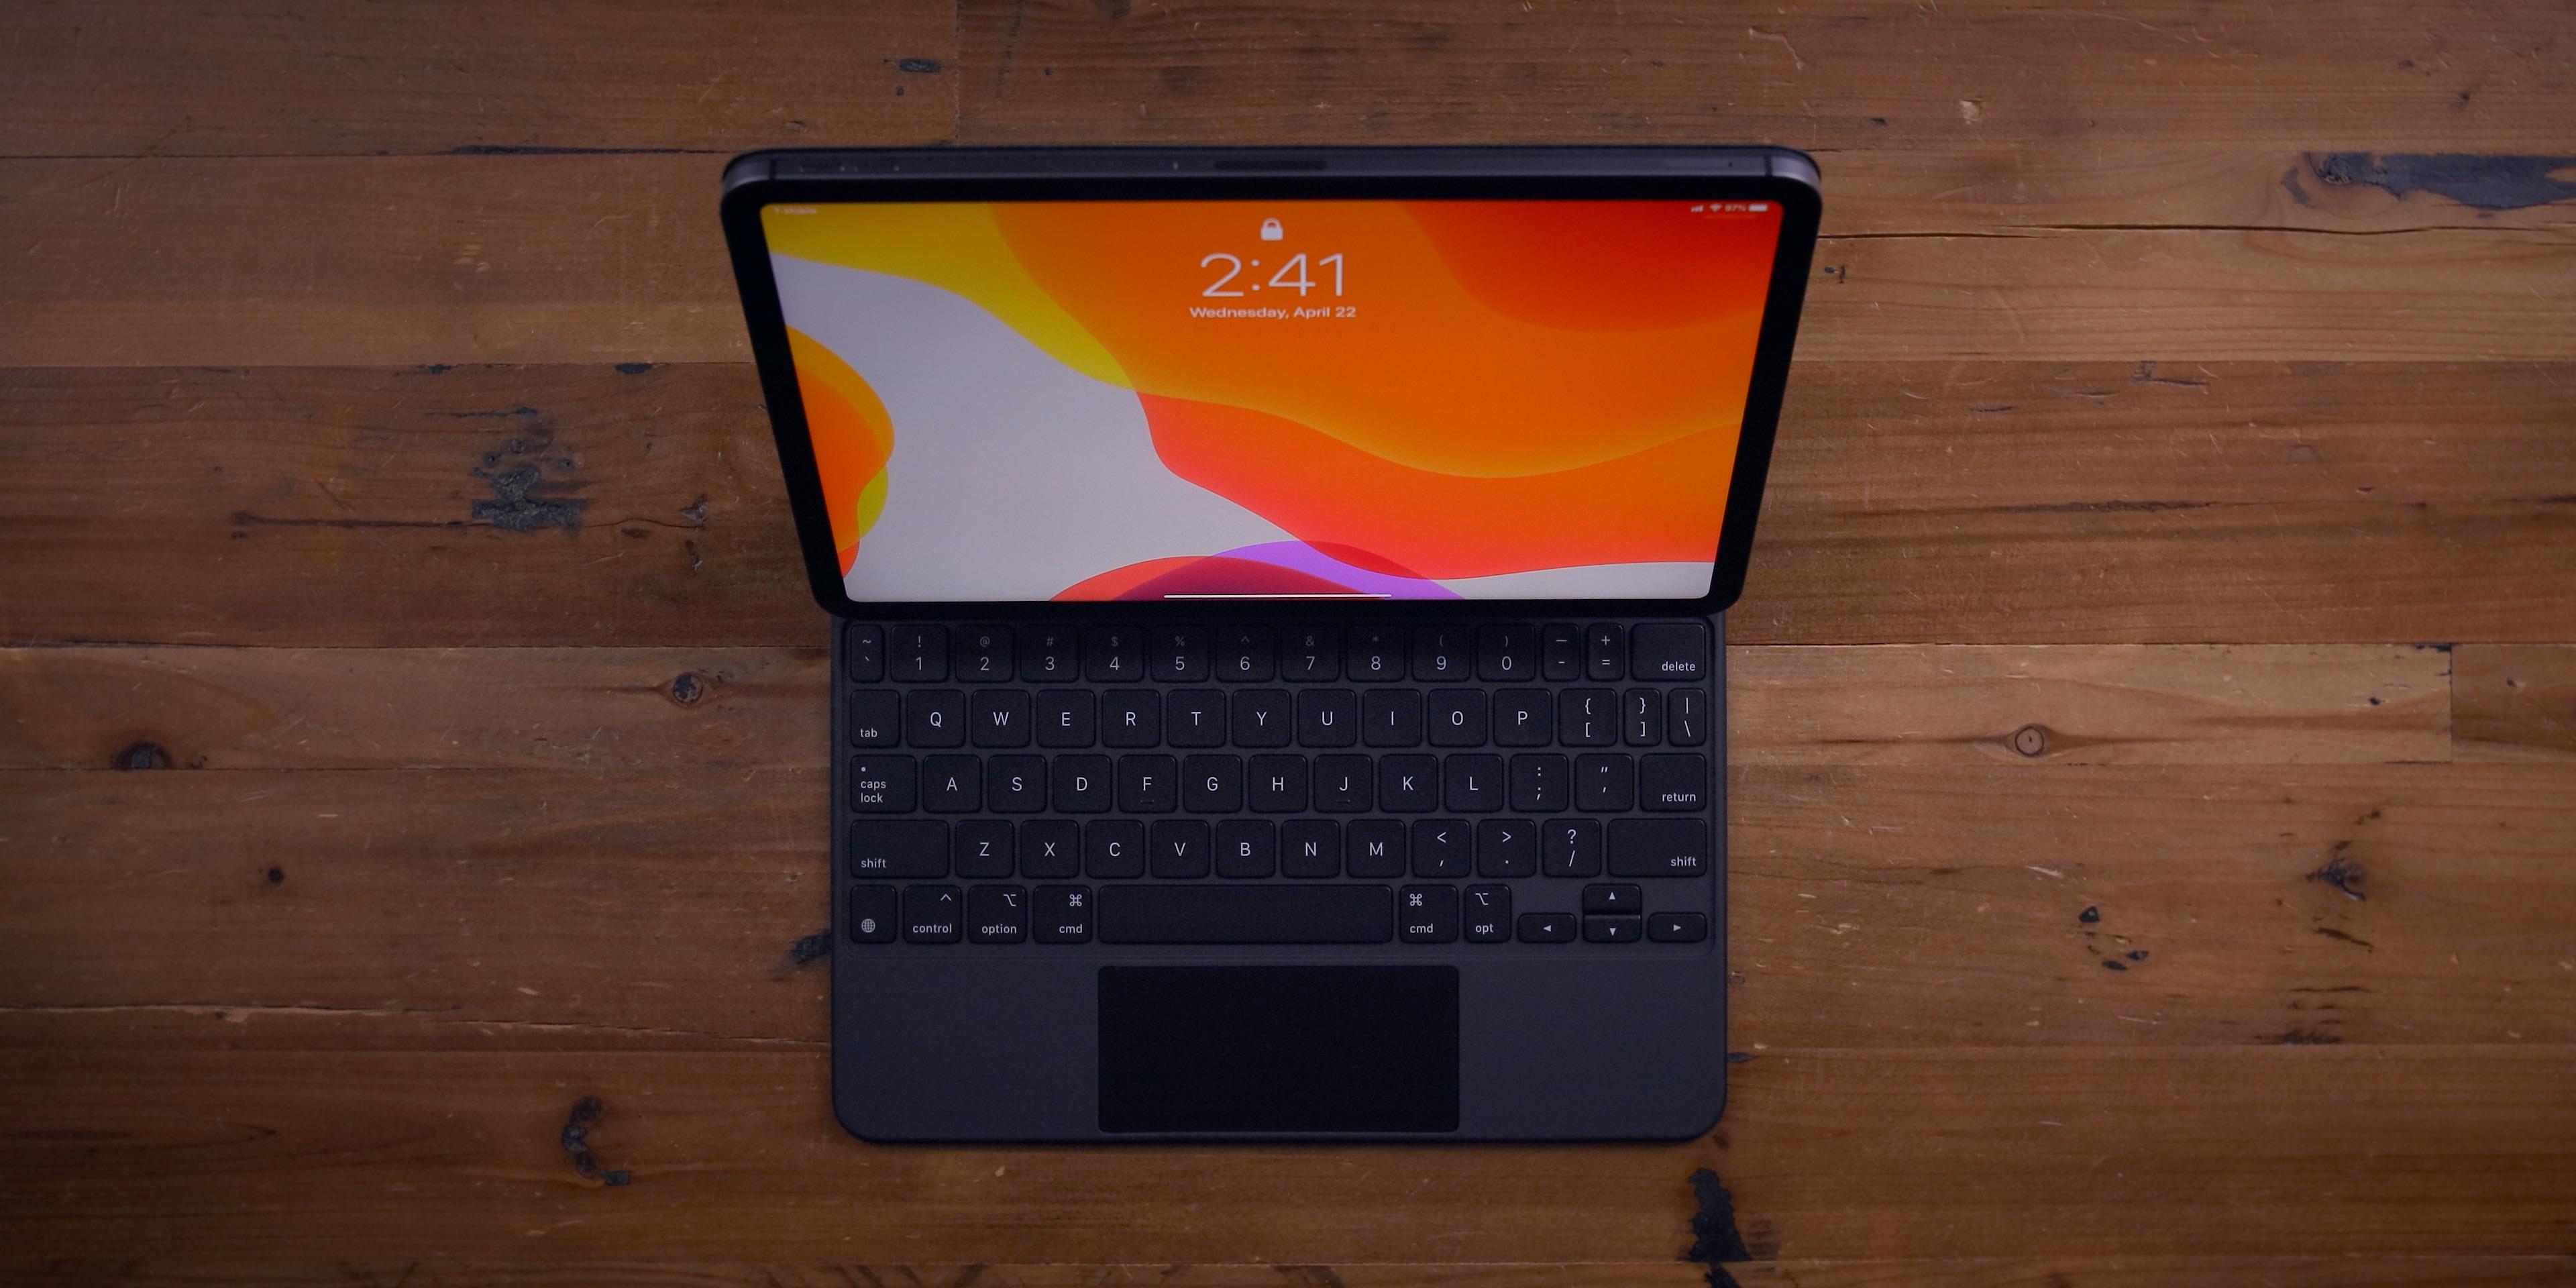 magic keyboard for ipad pro overhead